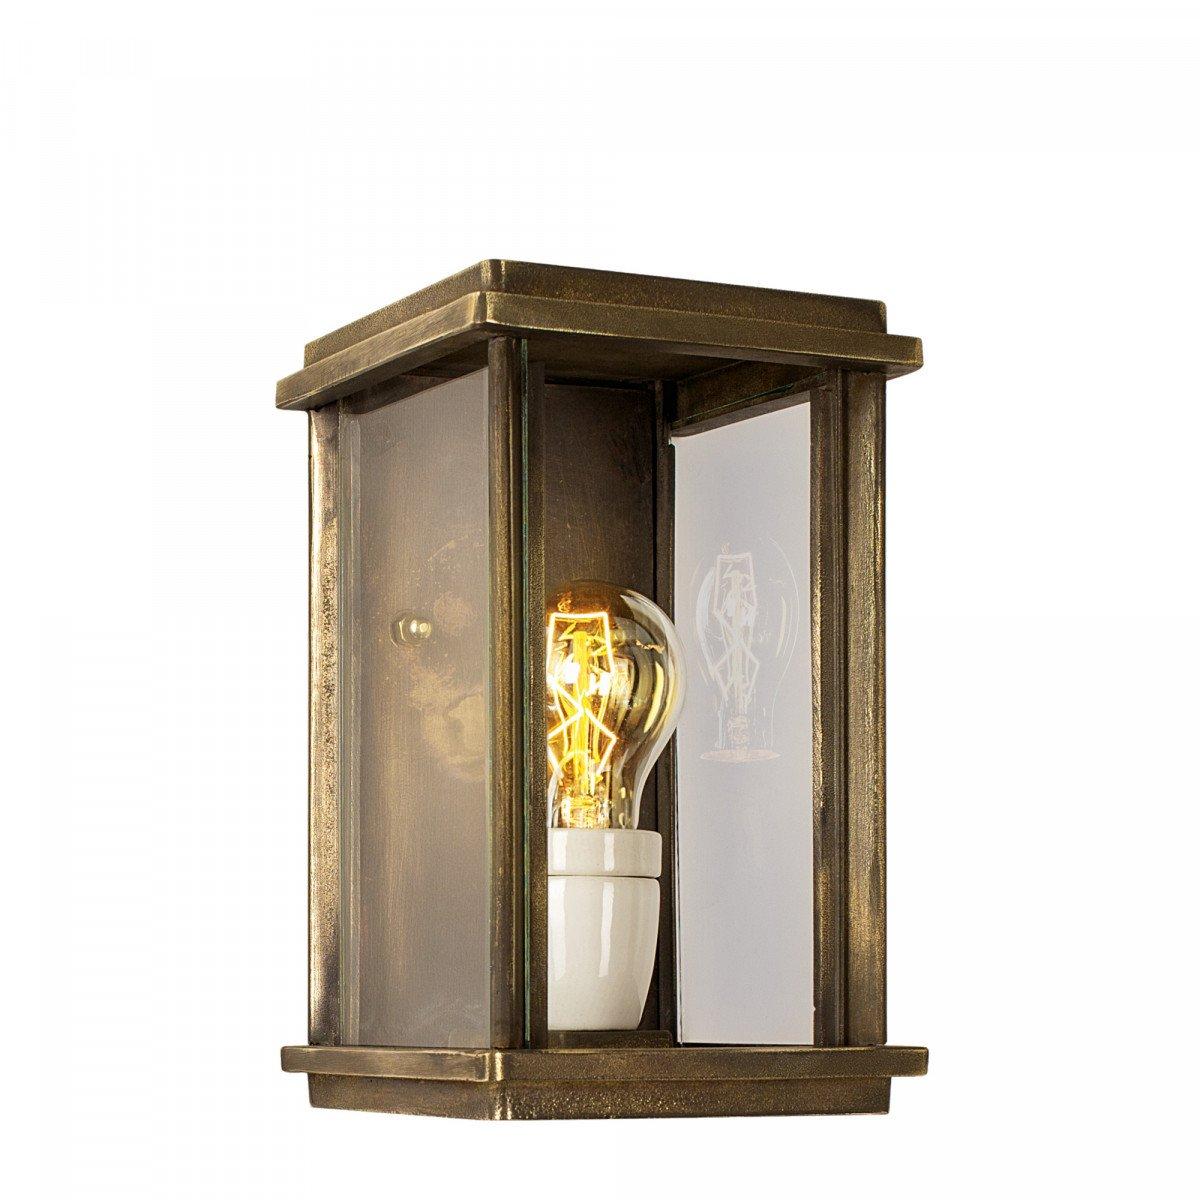 verlichting veranda - bronzen buitenlamp Capital klein - jaren 30 buitenlamp - Nostalux